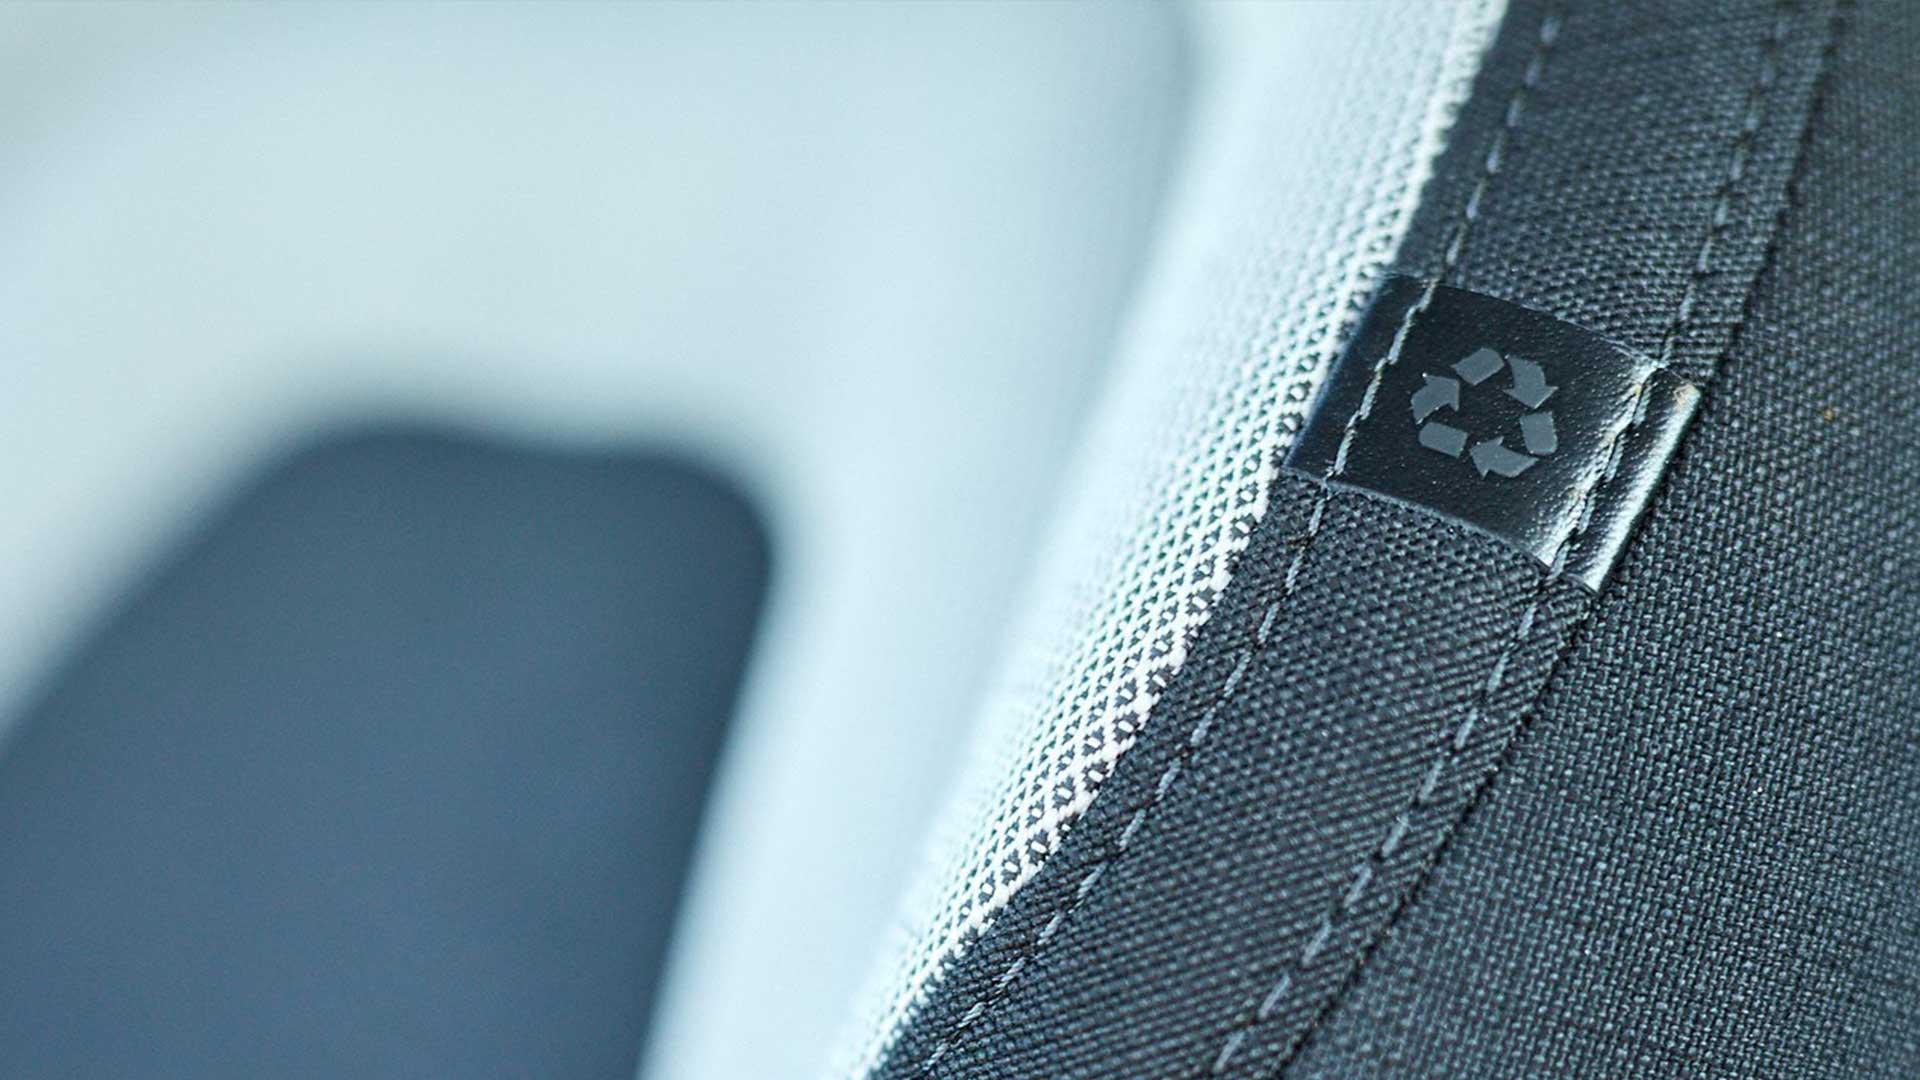 ファブリックにユニバーサルリサイクルシンボルが取り付けられたカーシートのクローズアップ。